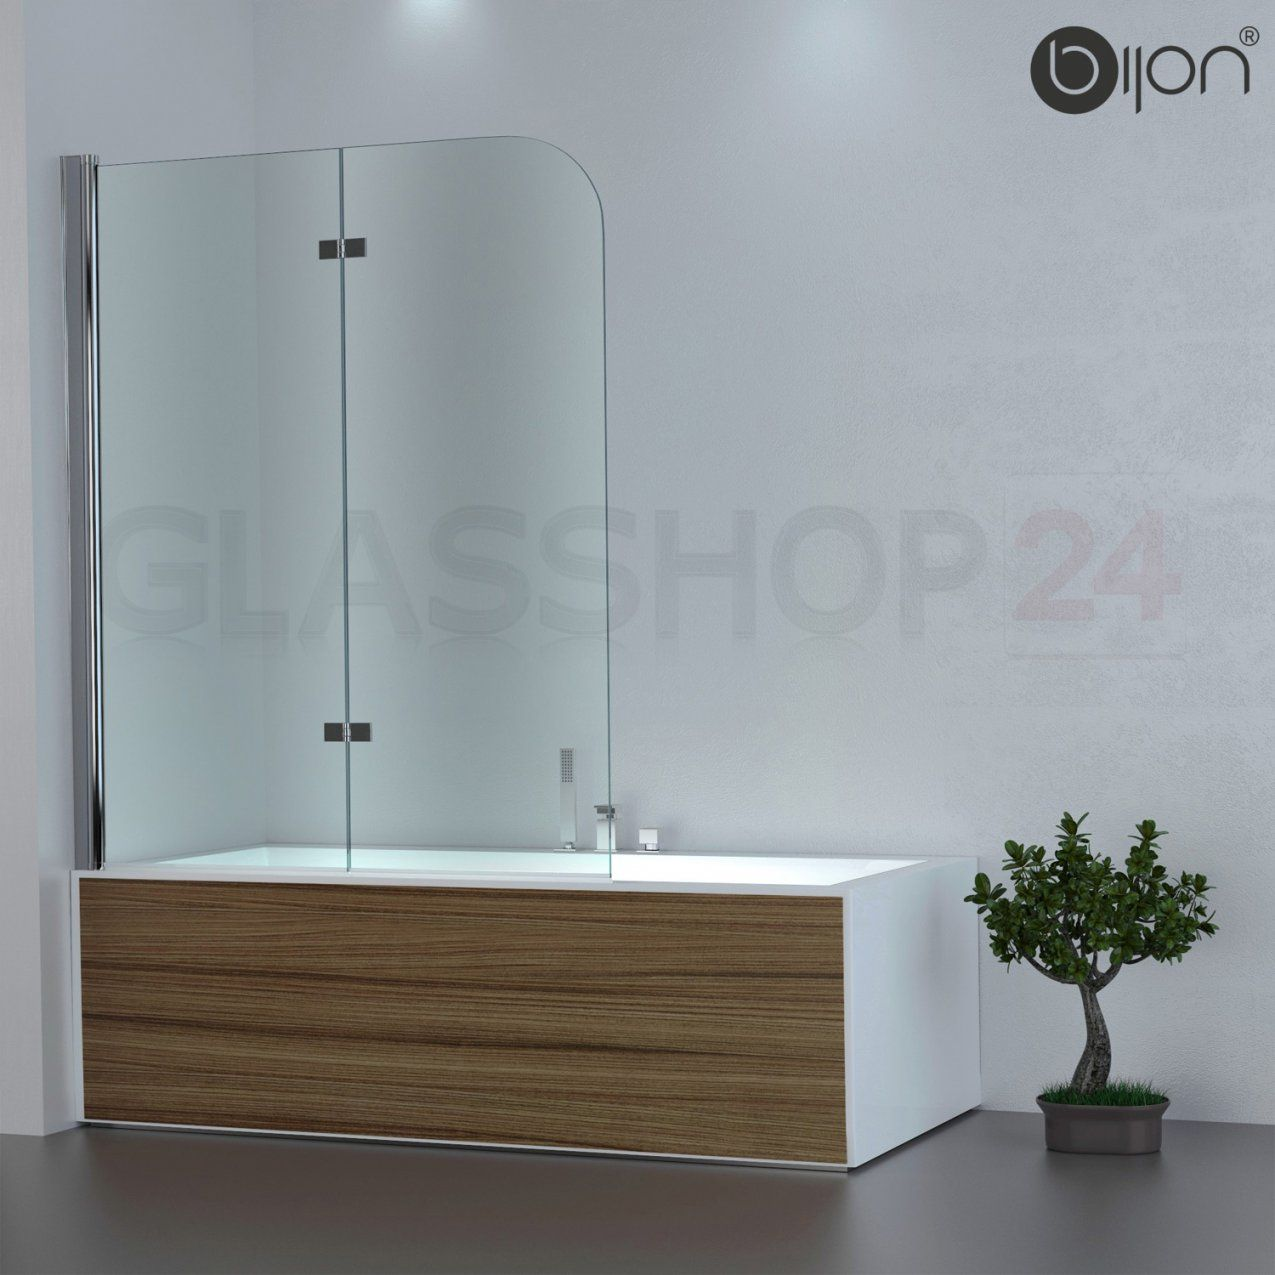 Badewannen duschabtrennung badewannenaufsatz faltwand glas duschwand von duschwand glas f r - Duschwand fur badewanne glas ...